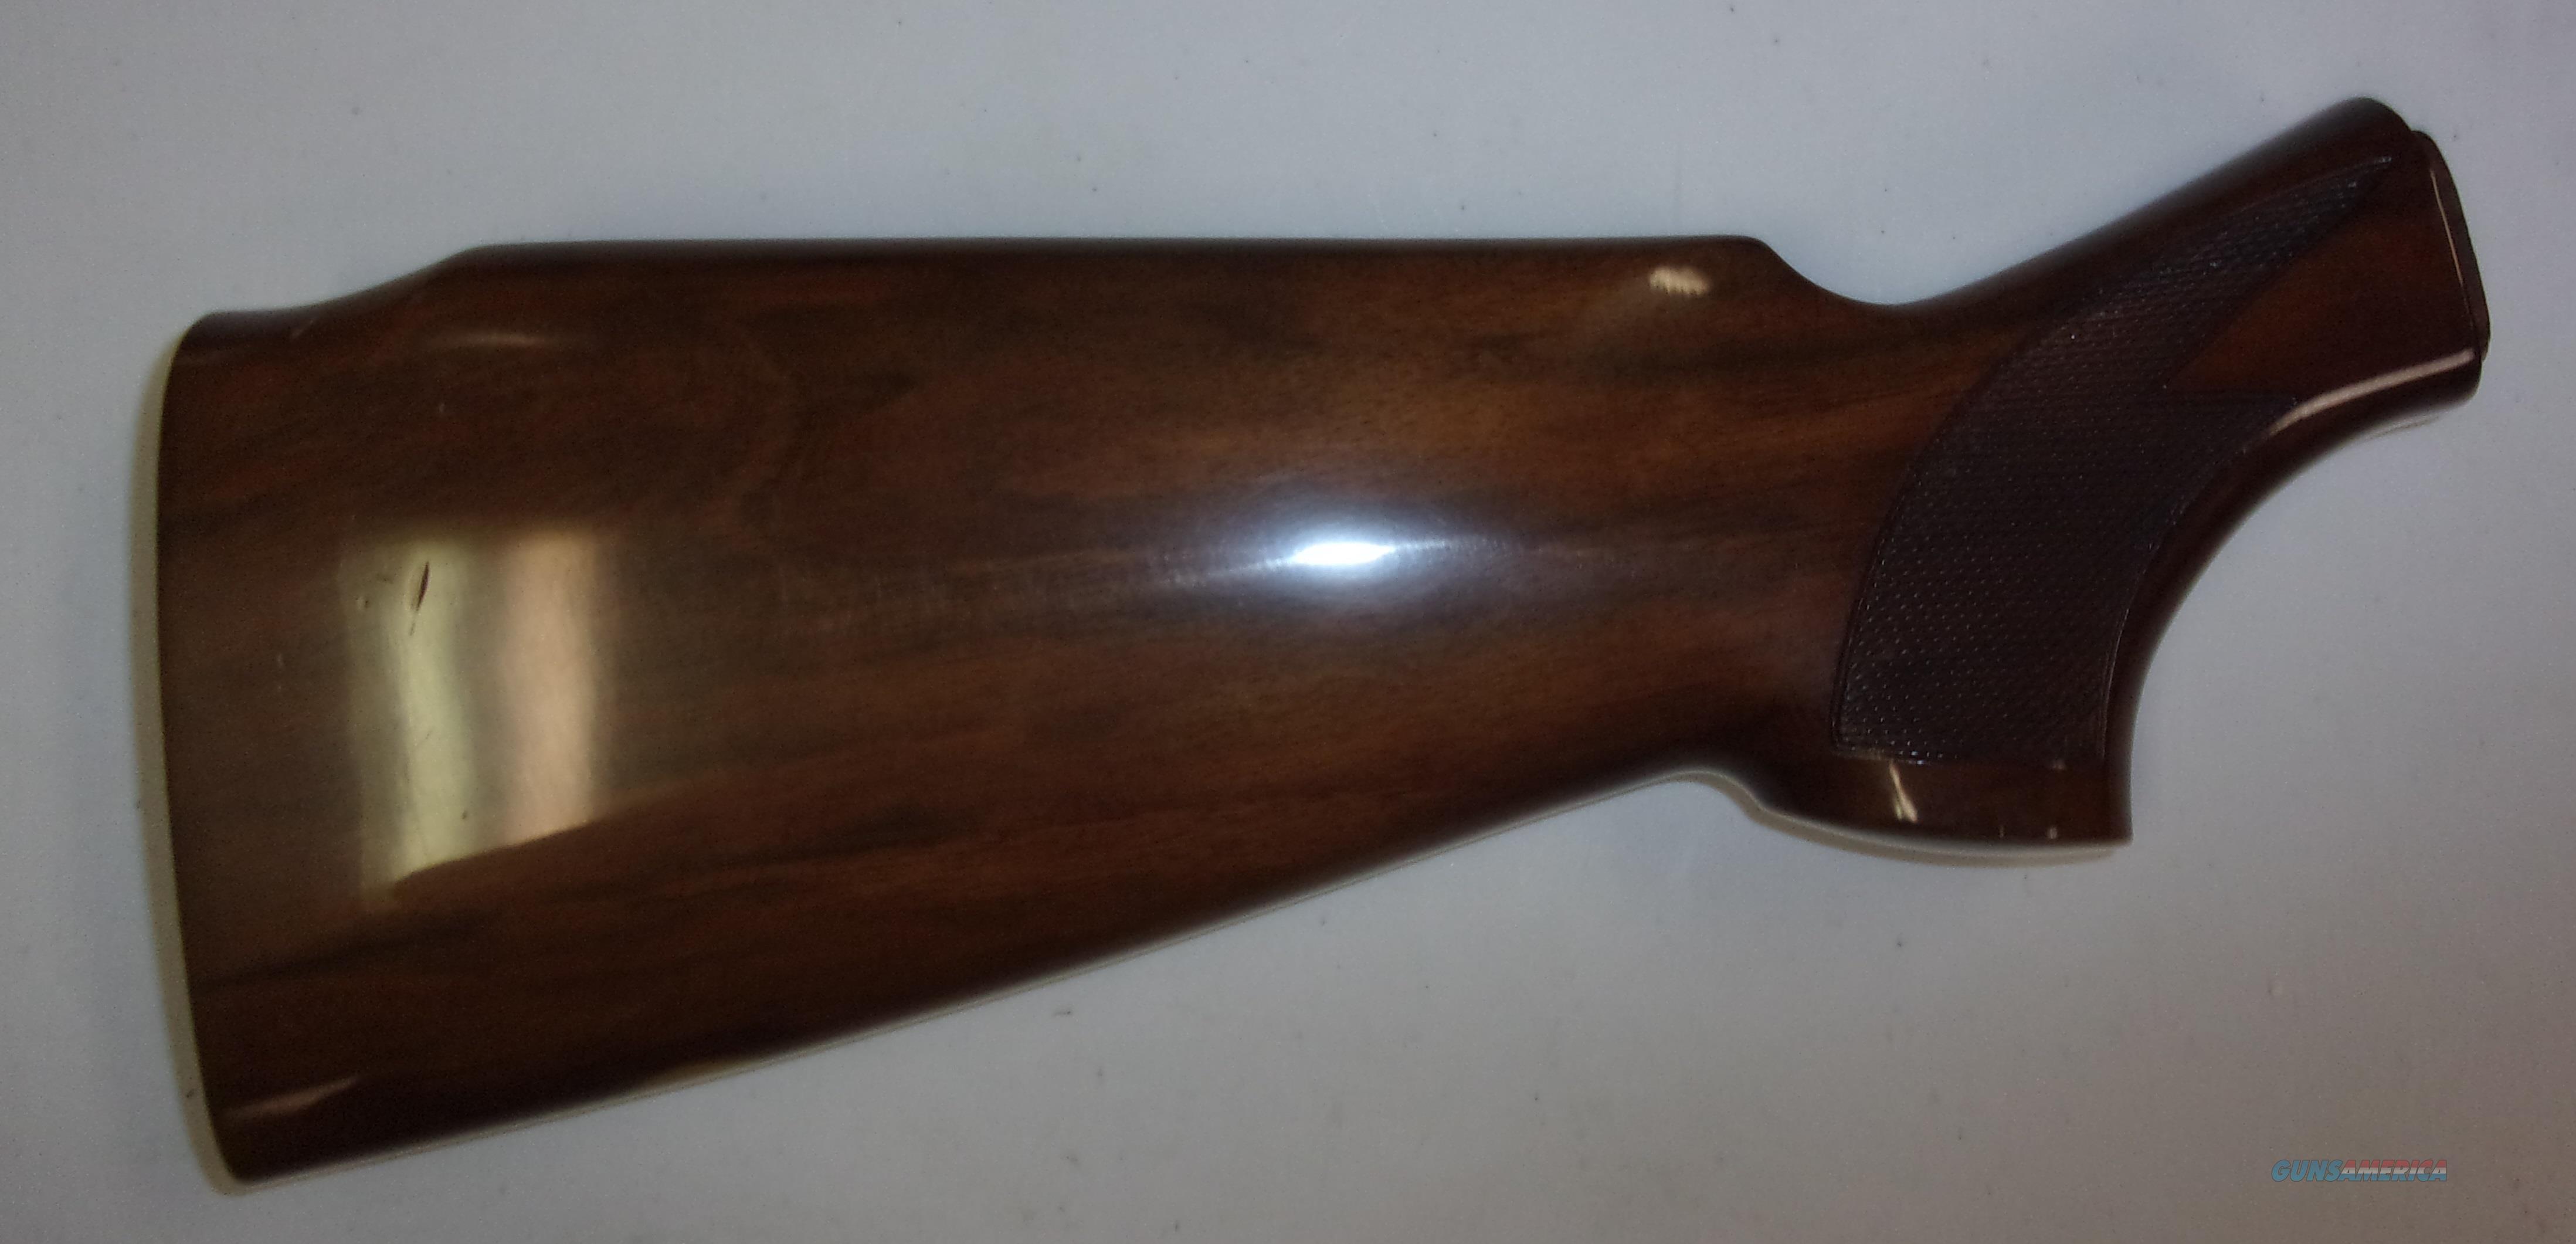 Stock  Non-Guns > Gunstocks, Grips & Wood